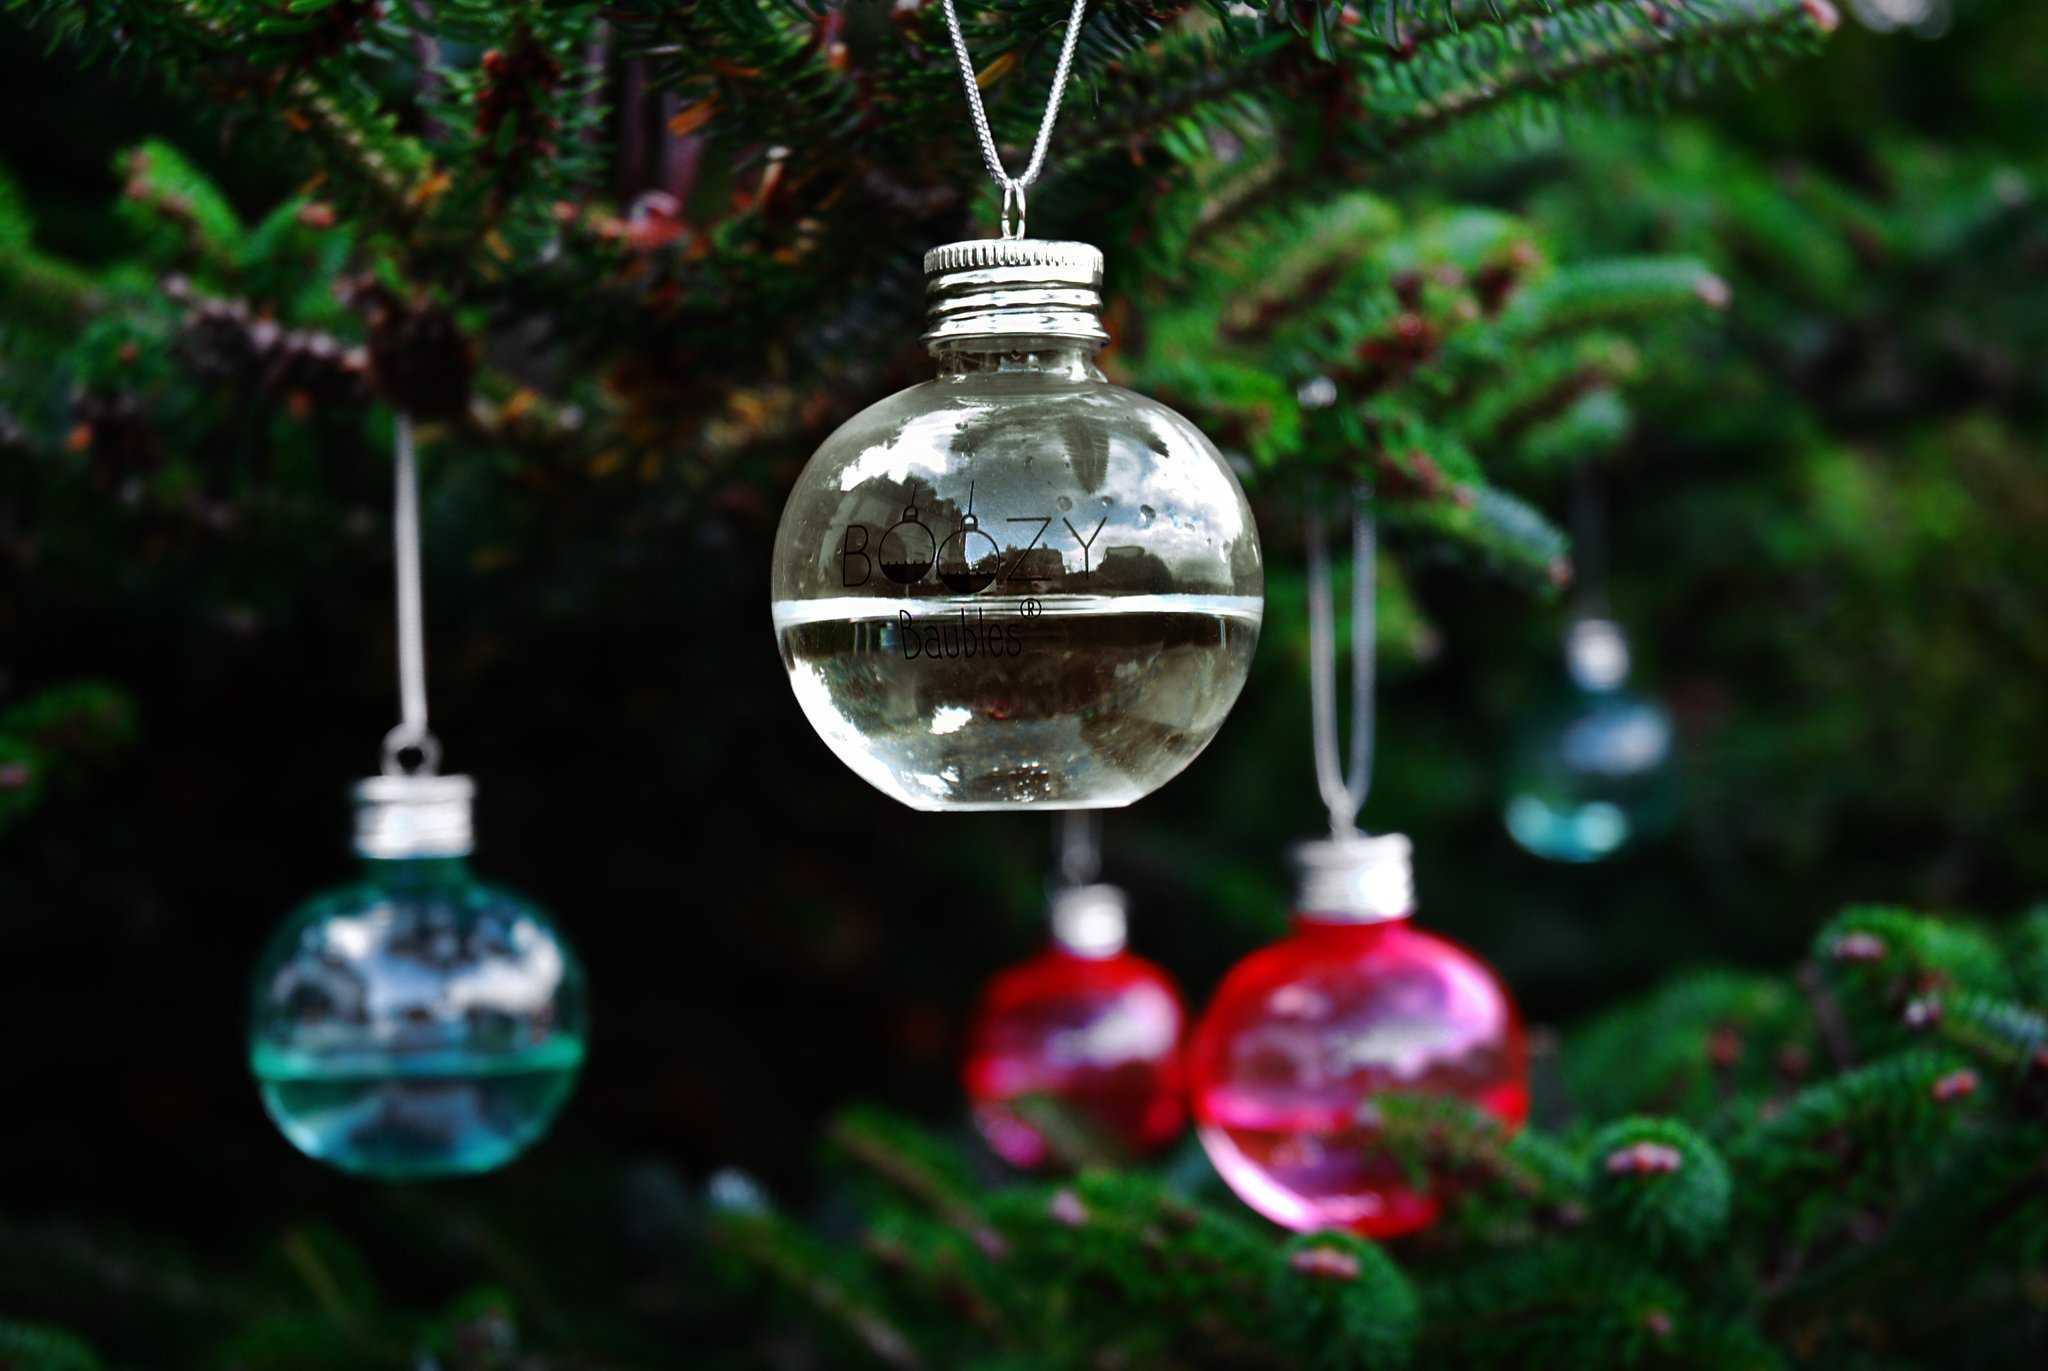 Siti Di Natale.Le Palle Di Natale Alcoliche Dove E Come Acquistarle La